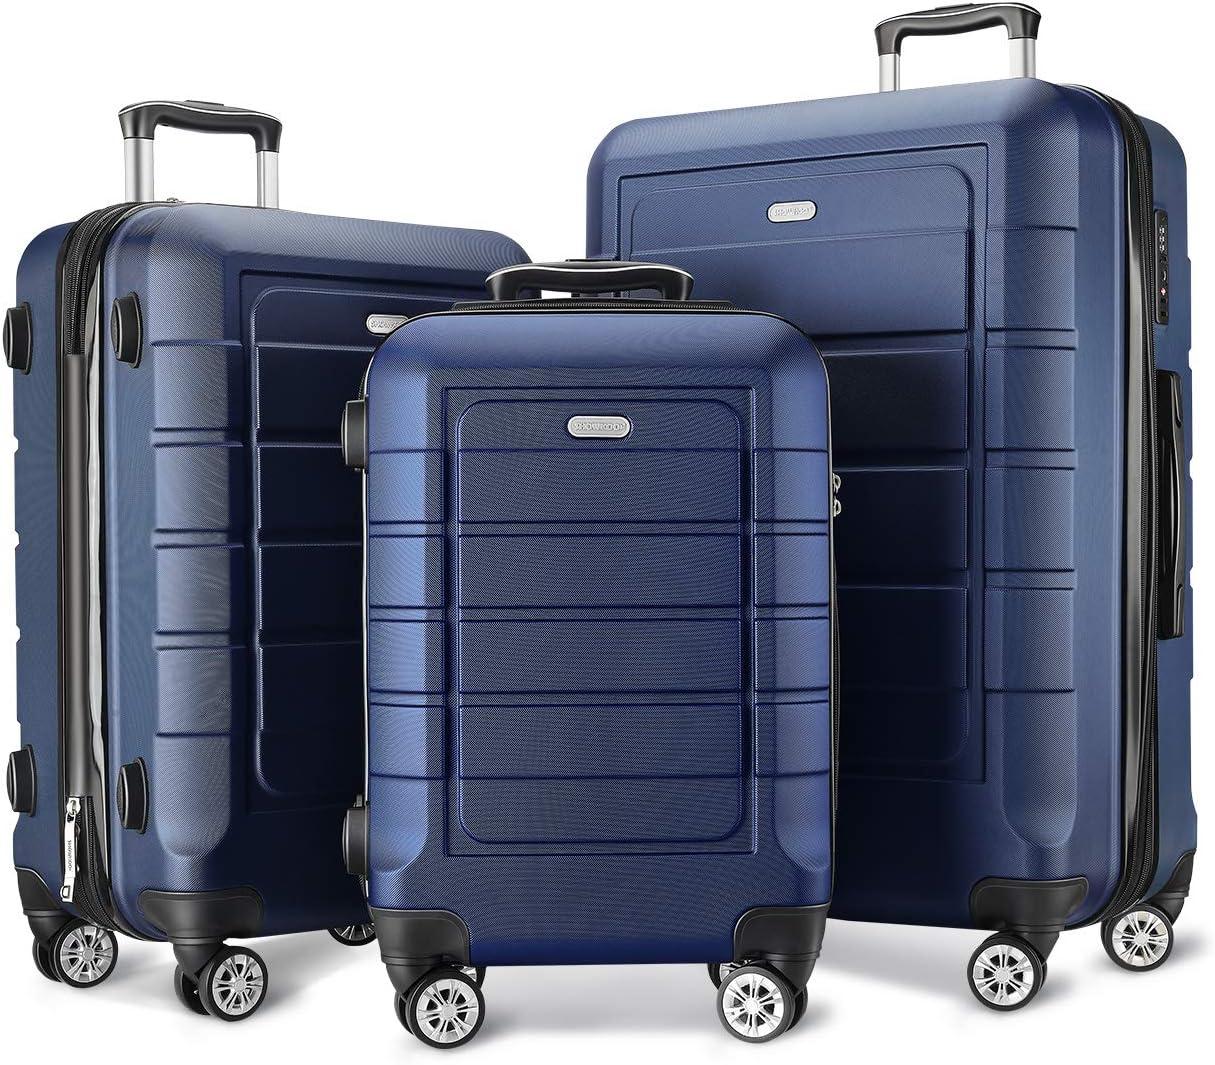 SHOWKOO Luggage Sets Expandable PC ABS Durable Suitcase Double Wheels TSA Lock 3pcs Blue